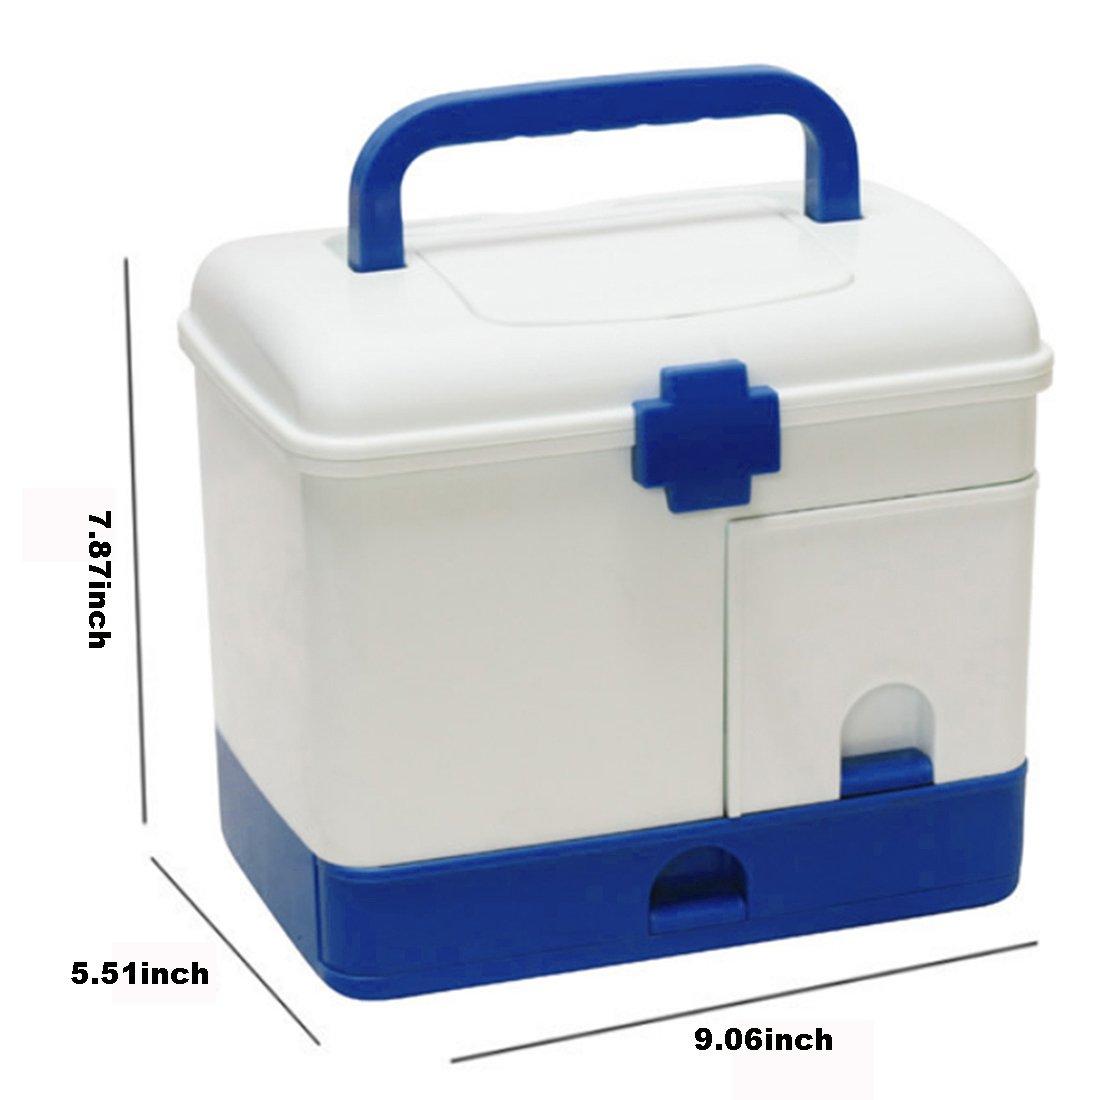 Ovitop Scatola Medica Scatola Multifunzione per la Medicina Domestica Scatola di Immagazzinaggio Medico Soccorso Kit di Pronto Soccorso-Blu